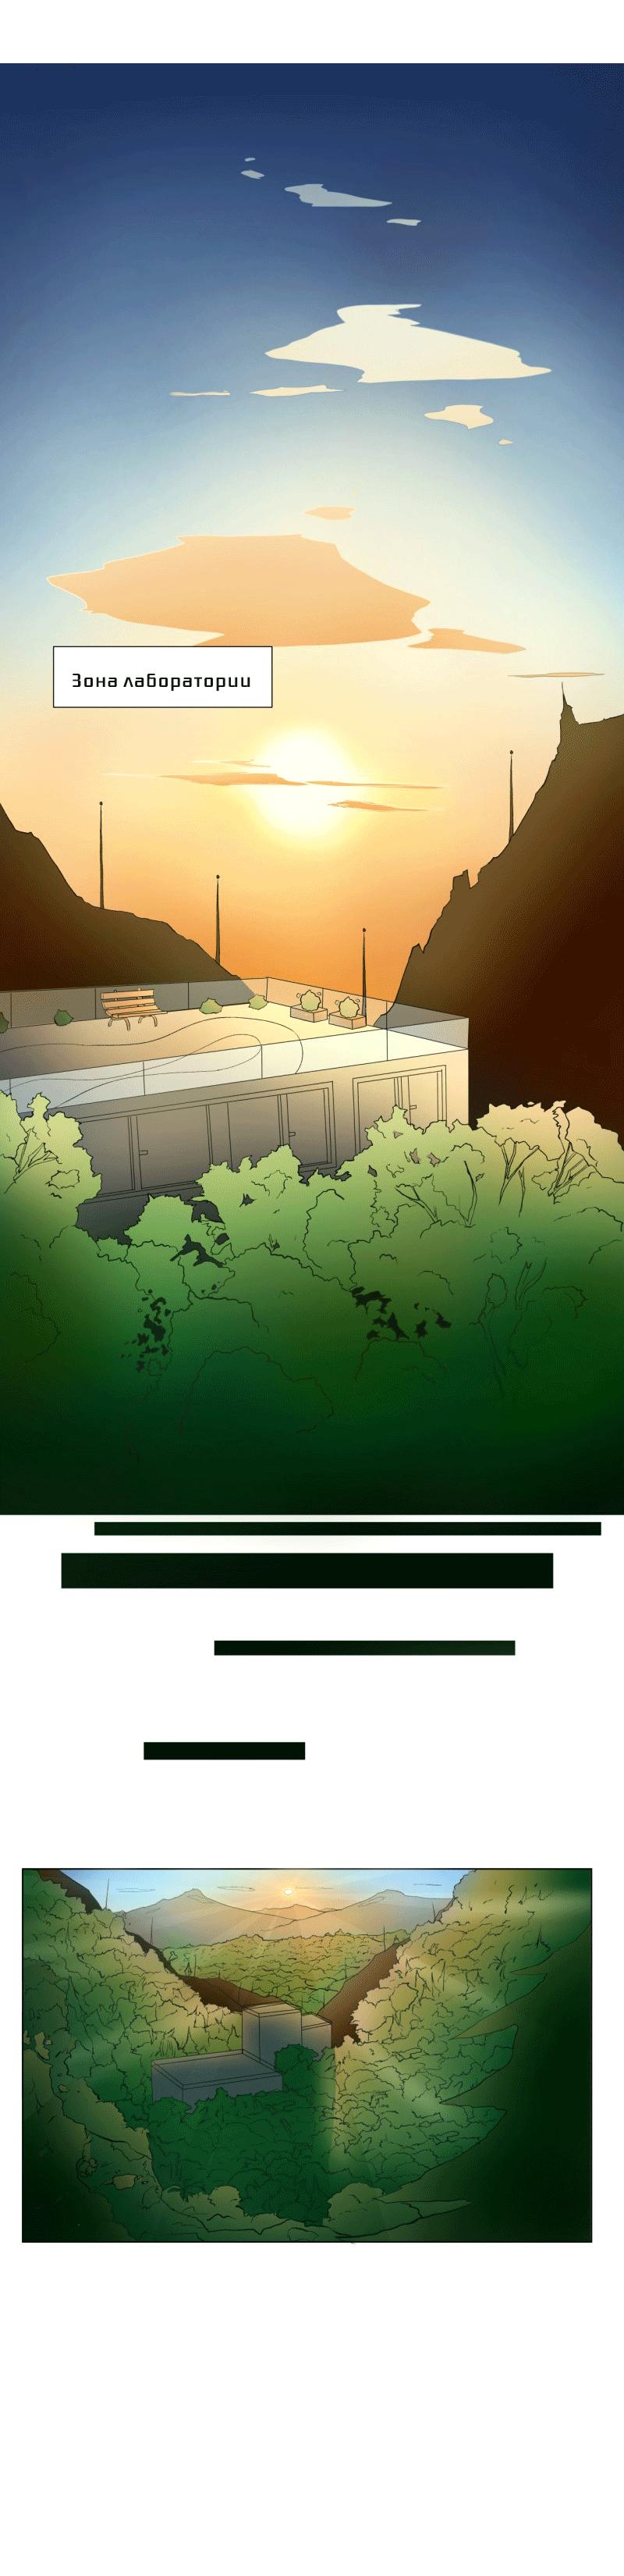 https://r1.ninemanga.com/comics/pic2/58/31802/324785/1494903937612.png Page 2